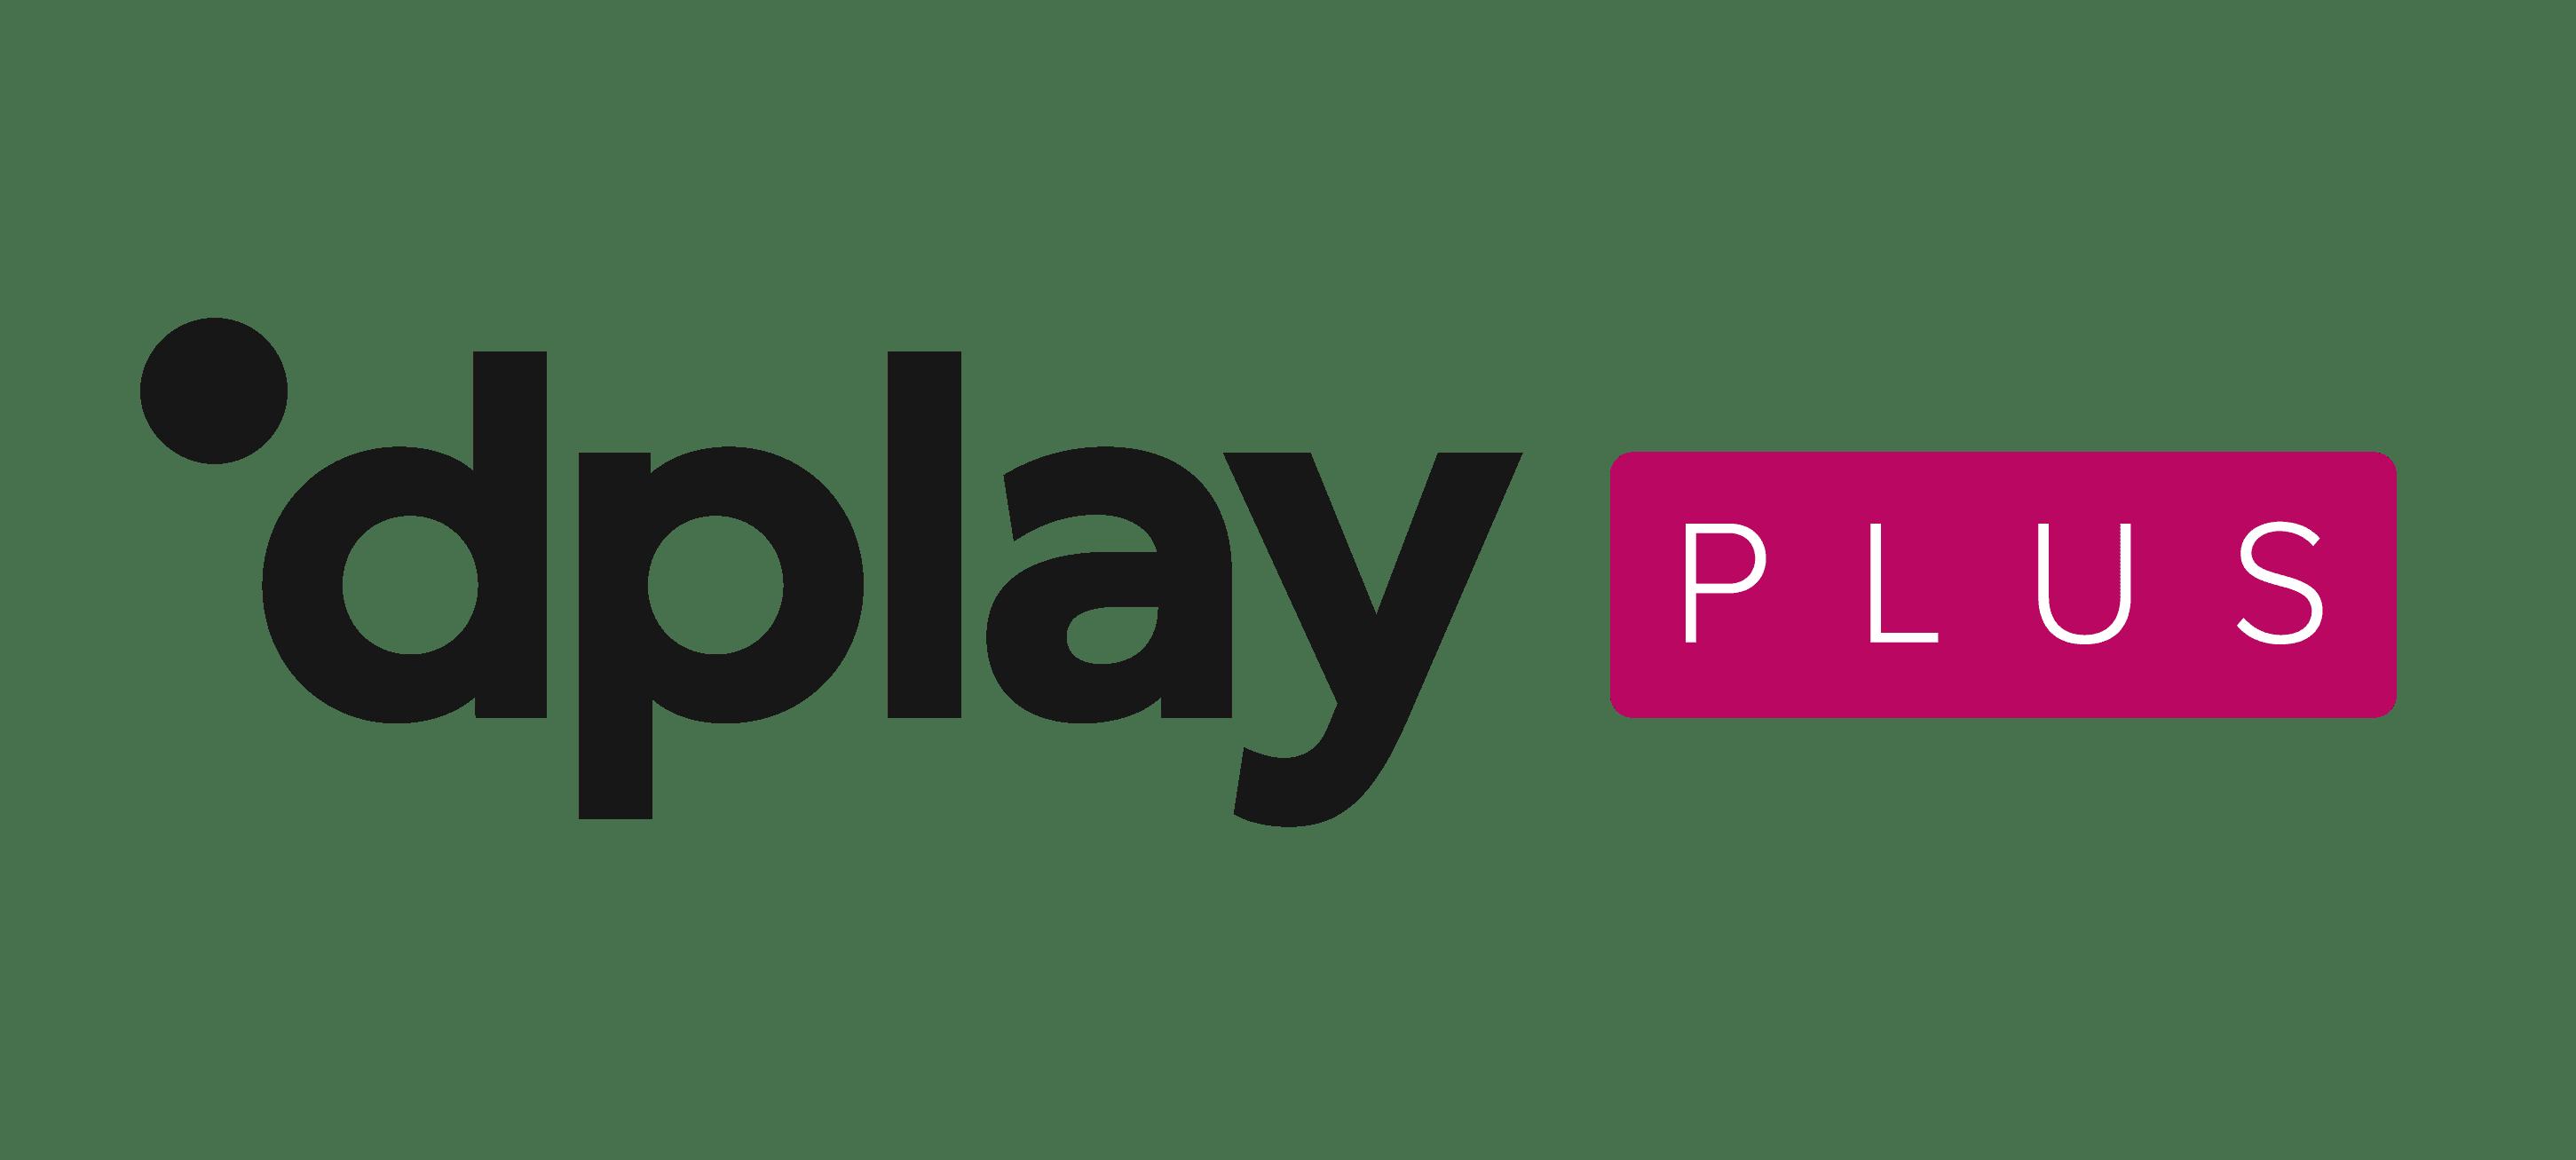 Dplay Plus gratis per un mese durante l'emergenza Coronavirus